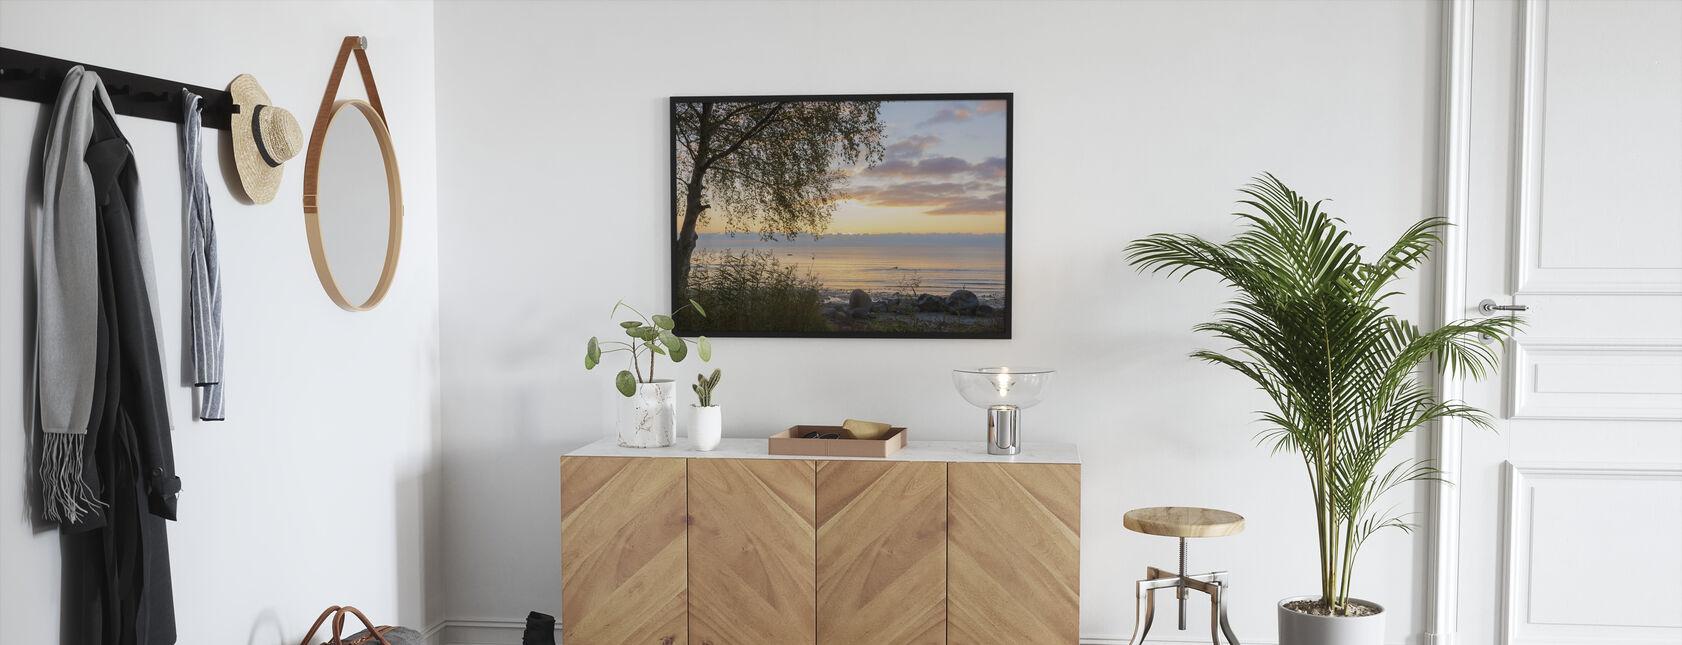 Puu auringonlaskun aikaan - Gotland - Kehystetty kuva - Aula